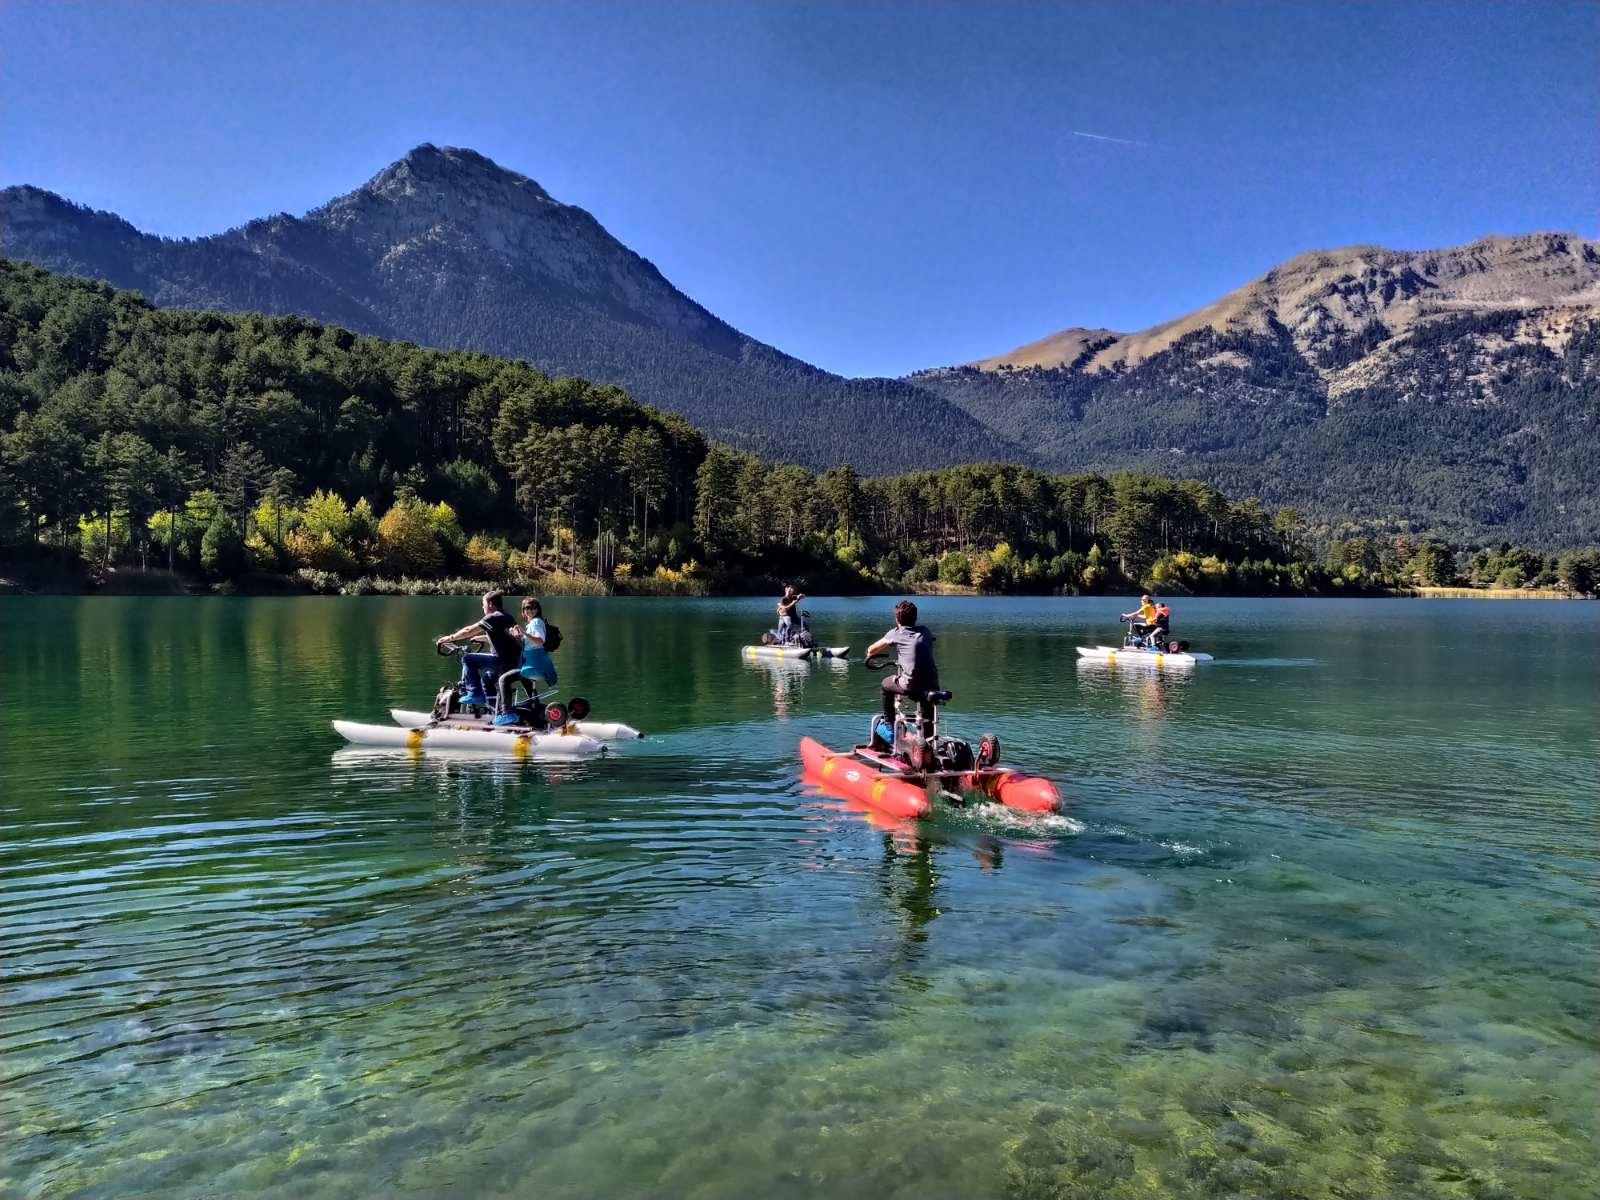 hydro-bikes-lake-doksa-2